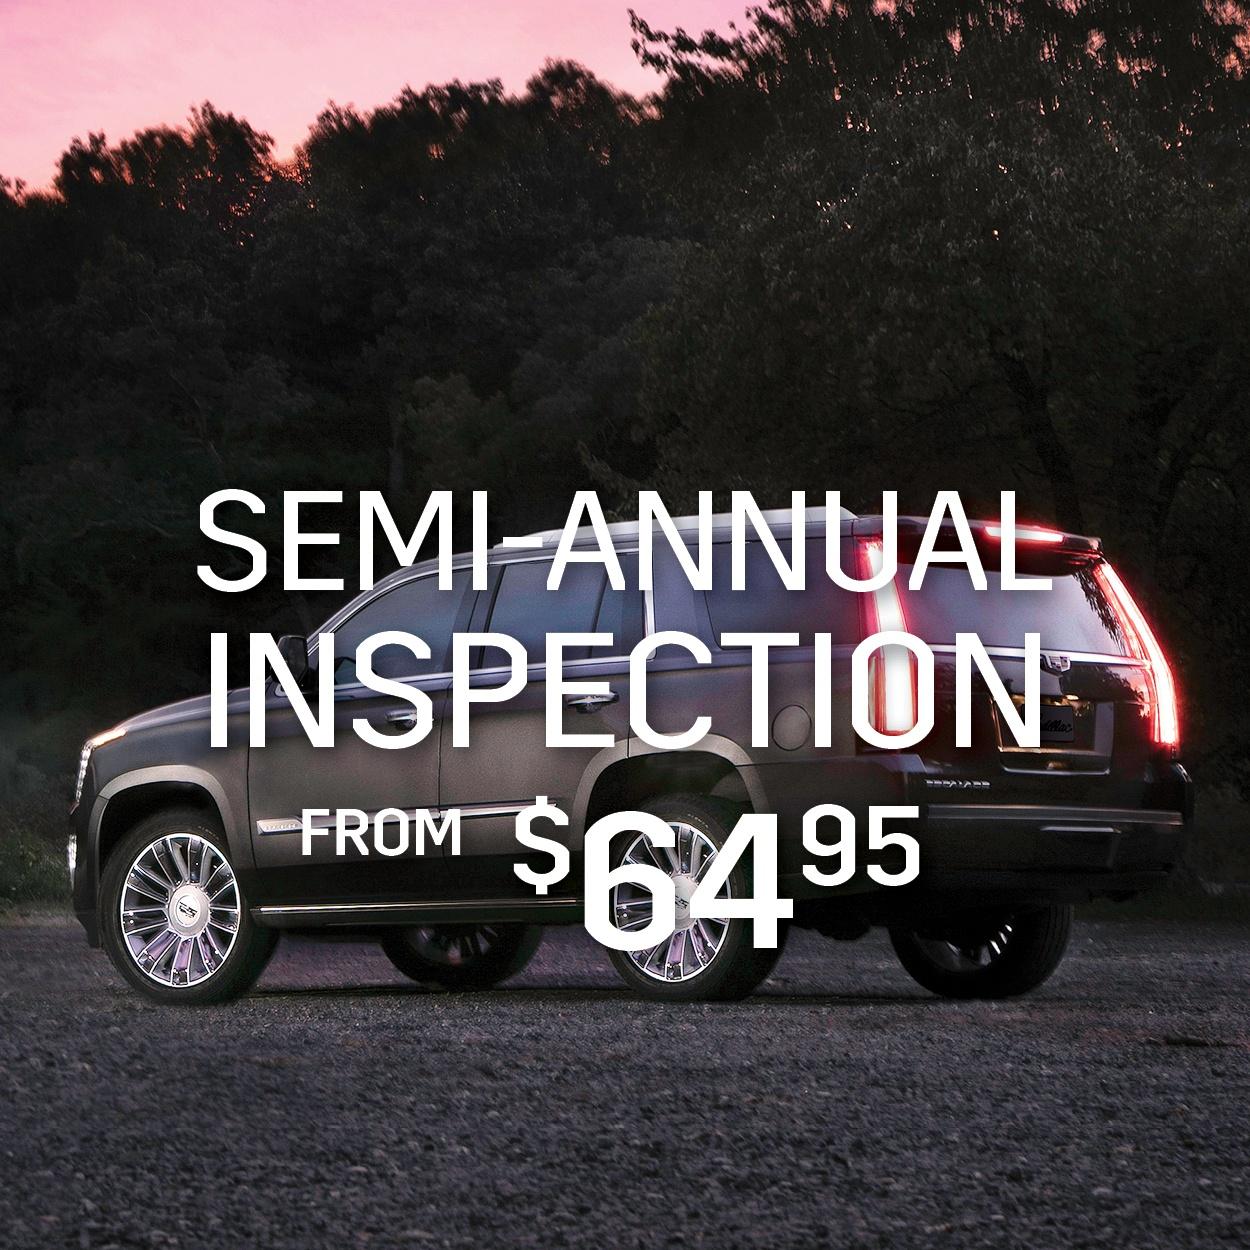 Semi-Annual Inspection